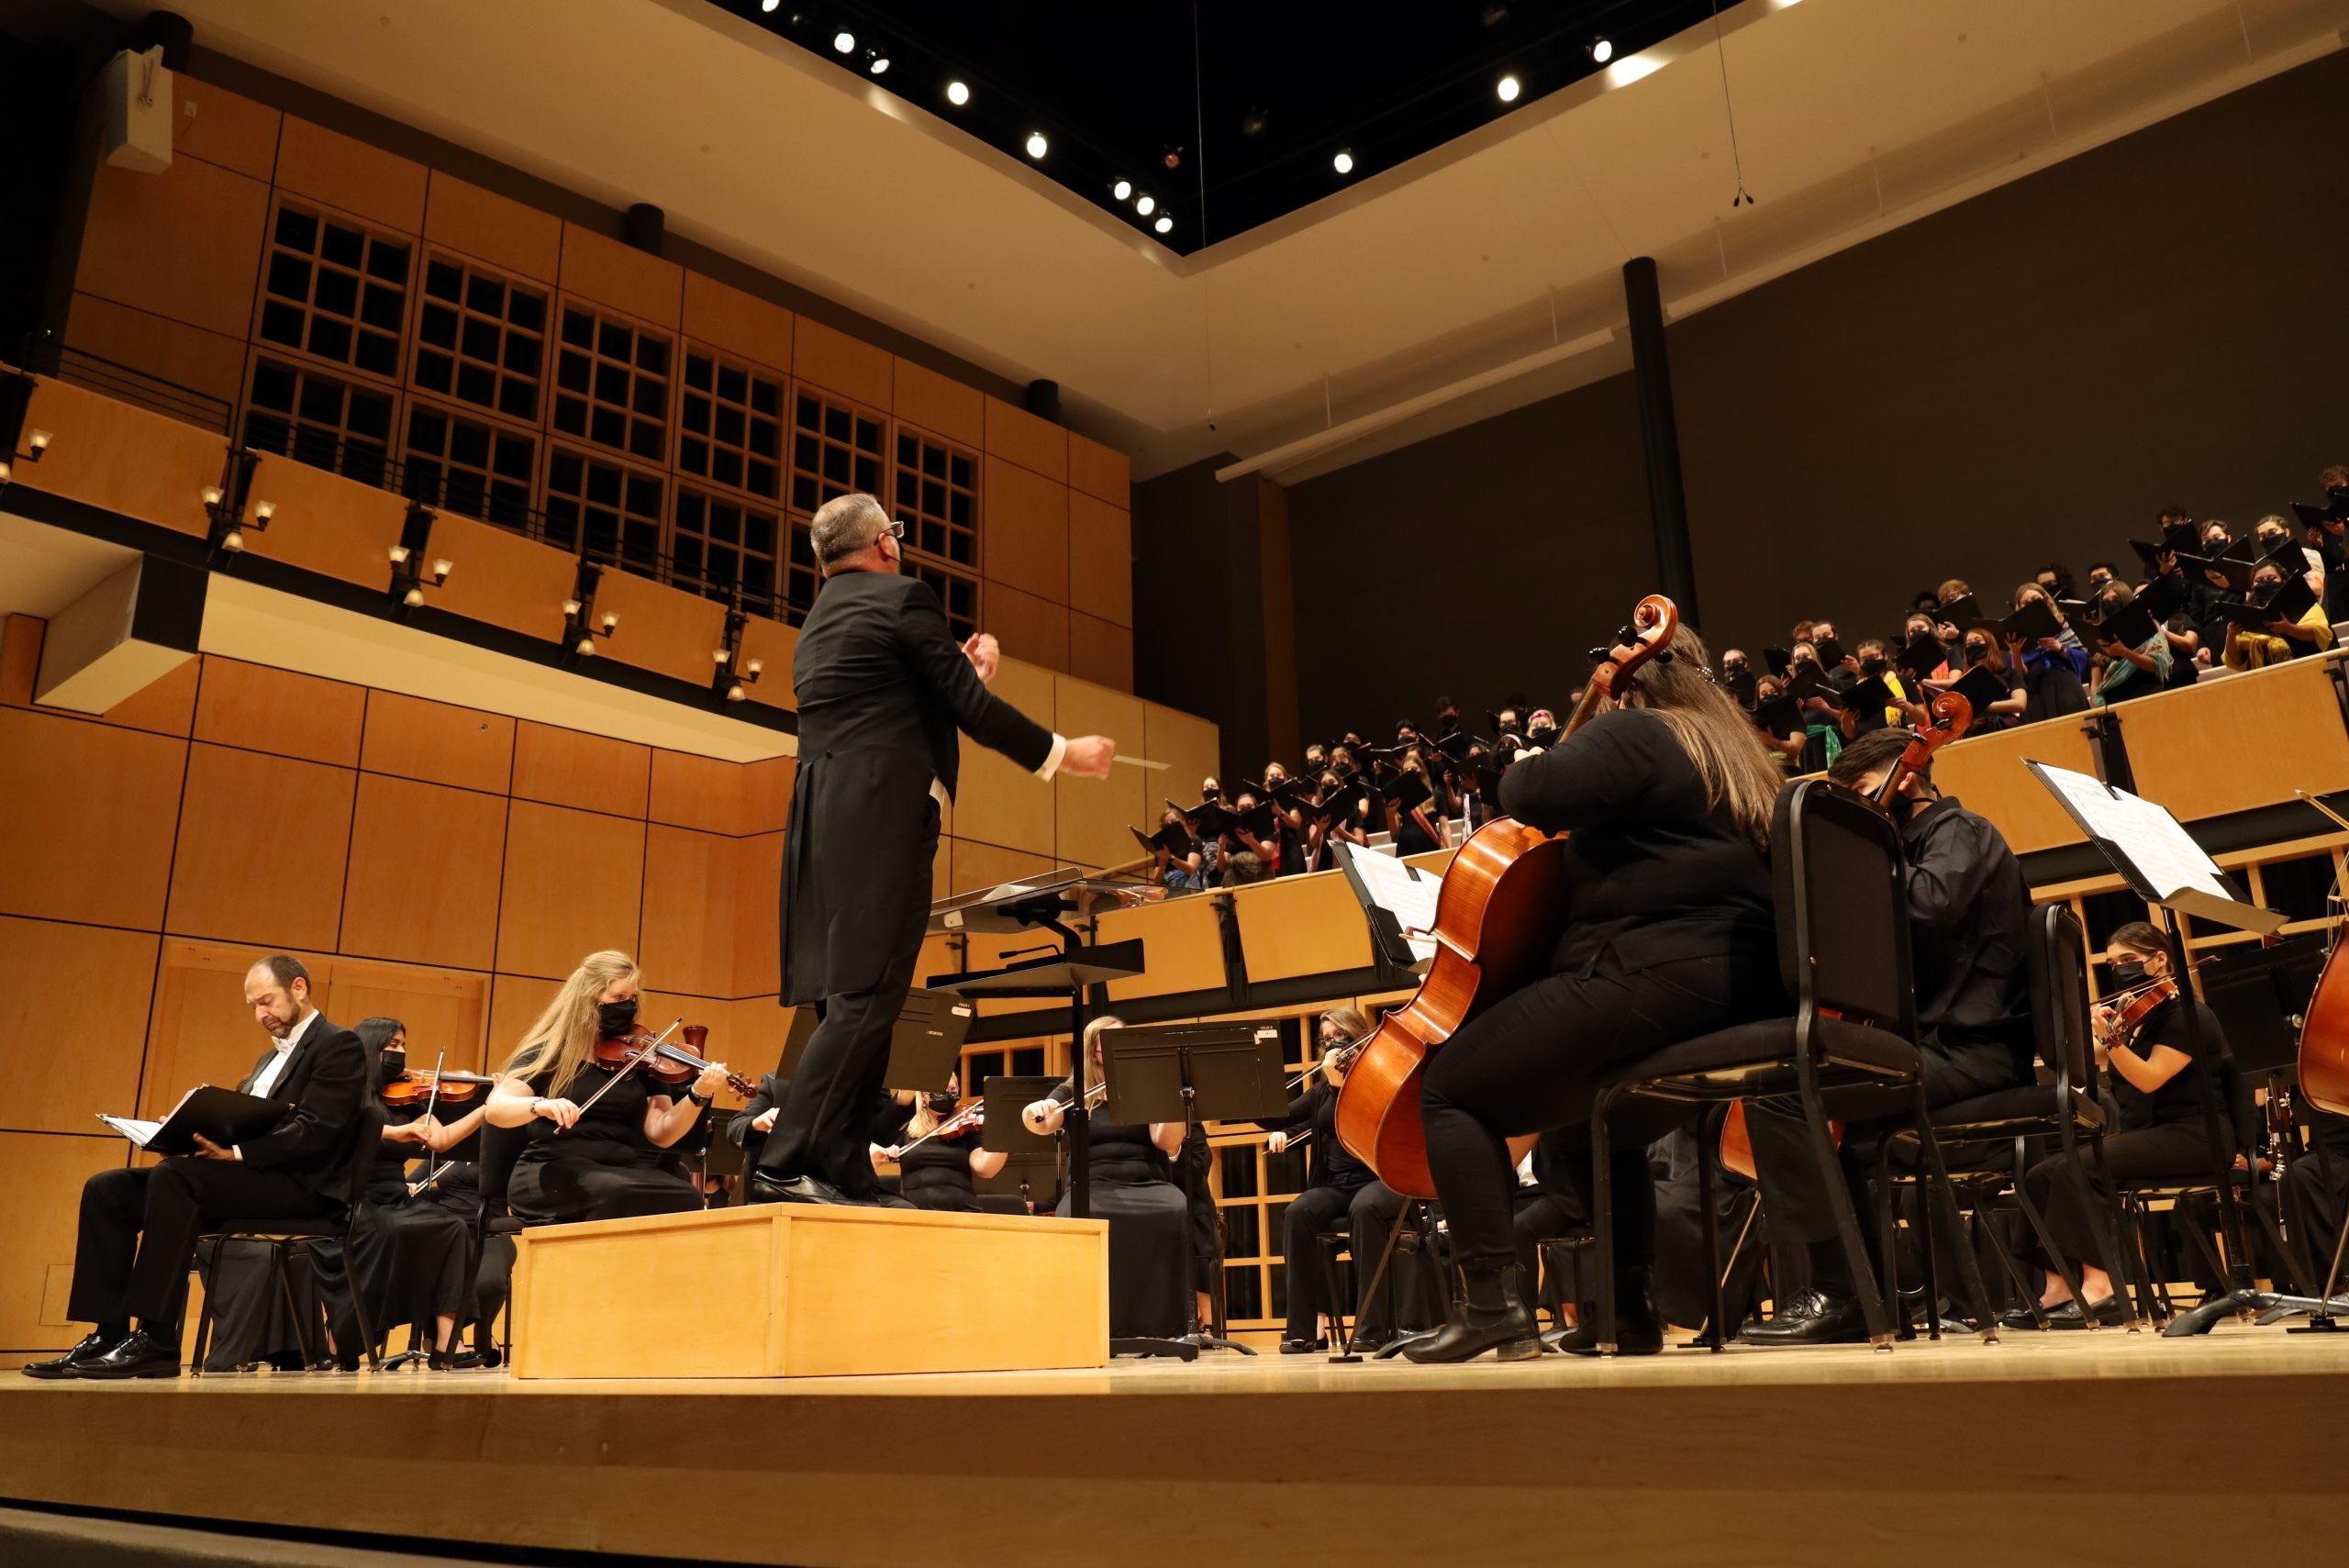 Orchestra performing at gala